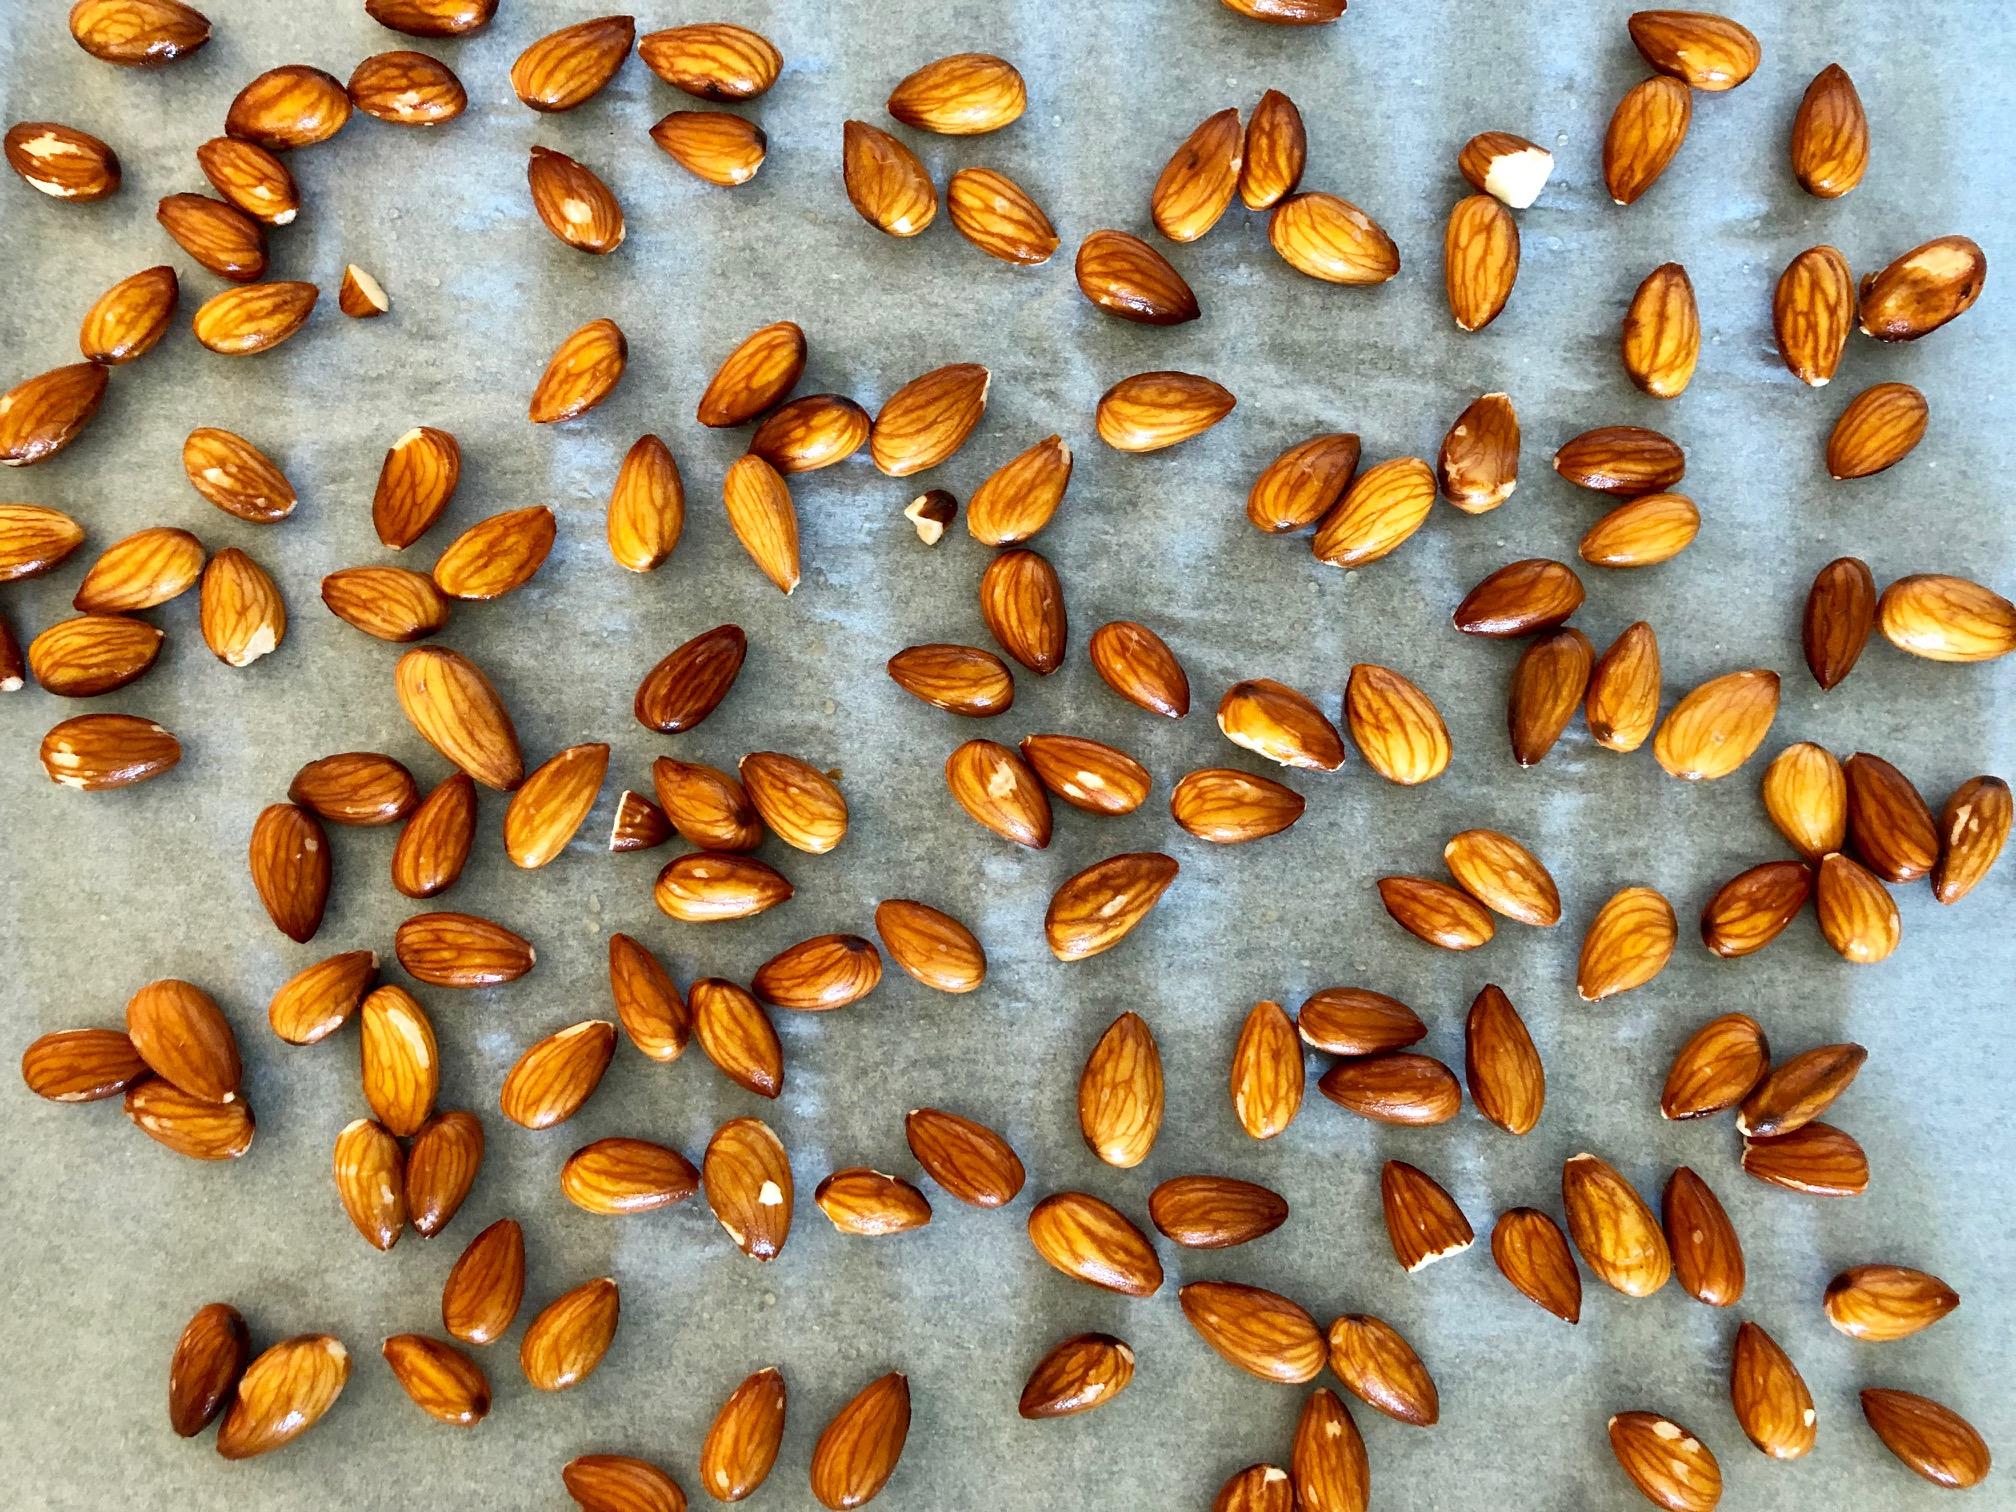 Blötlägga nötter utspridda på en plåt för att torkas